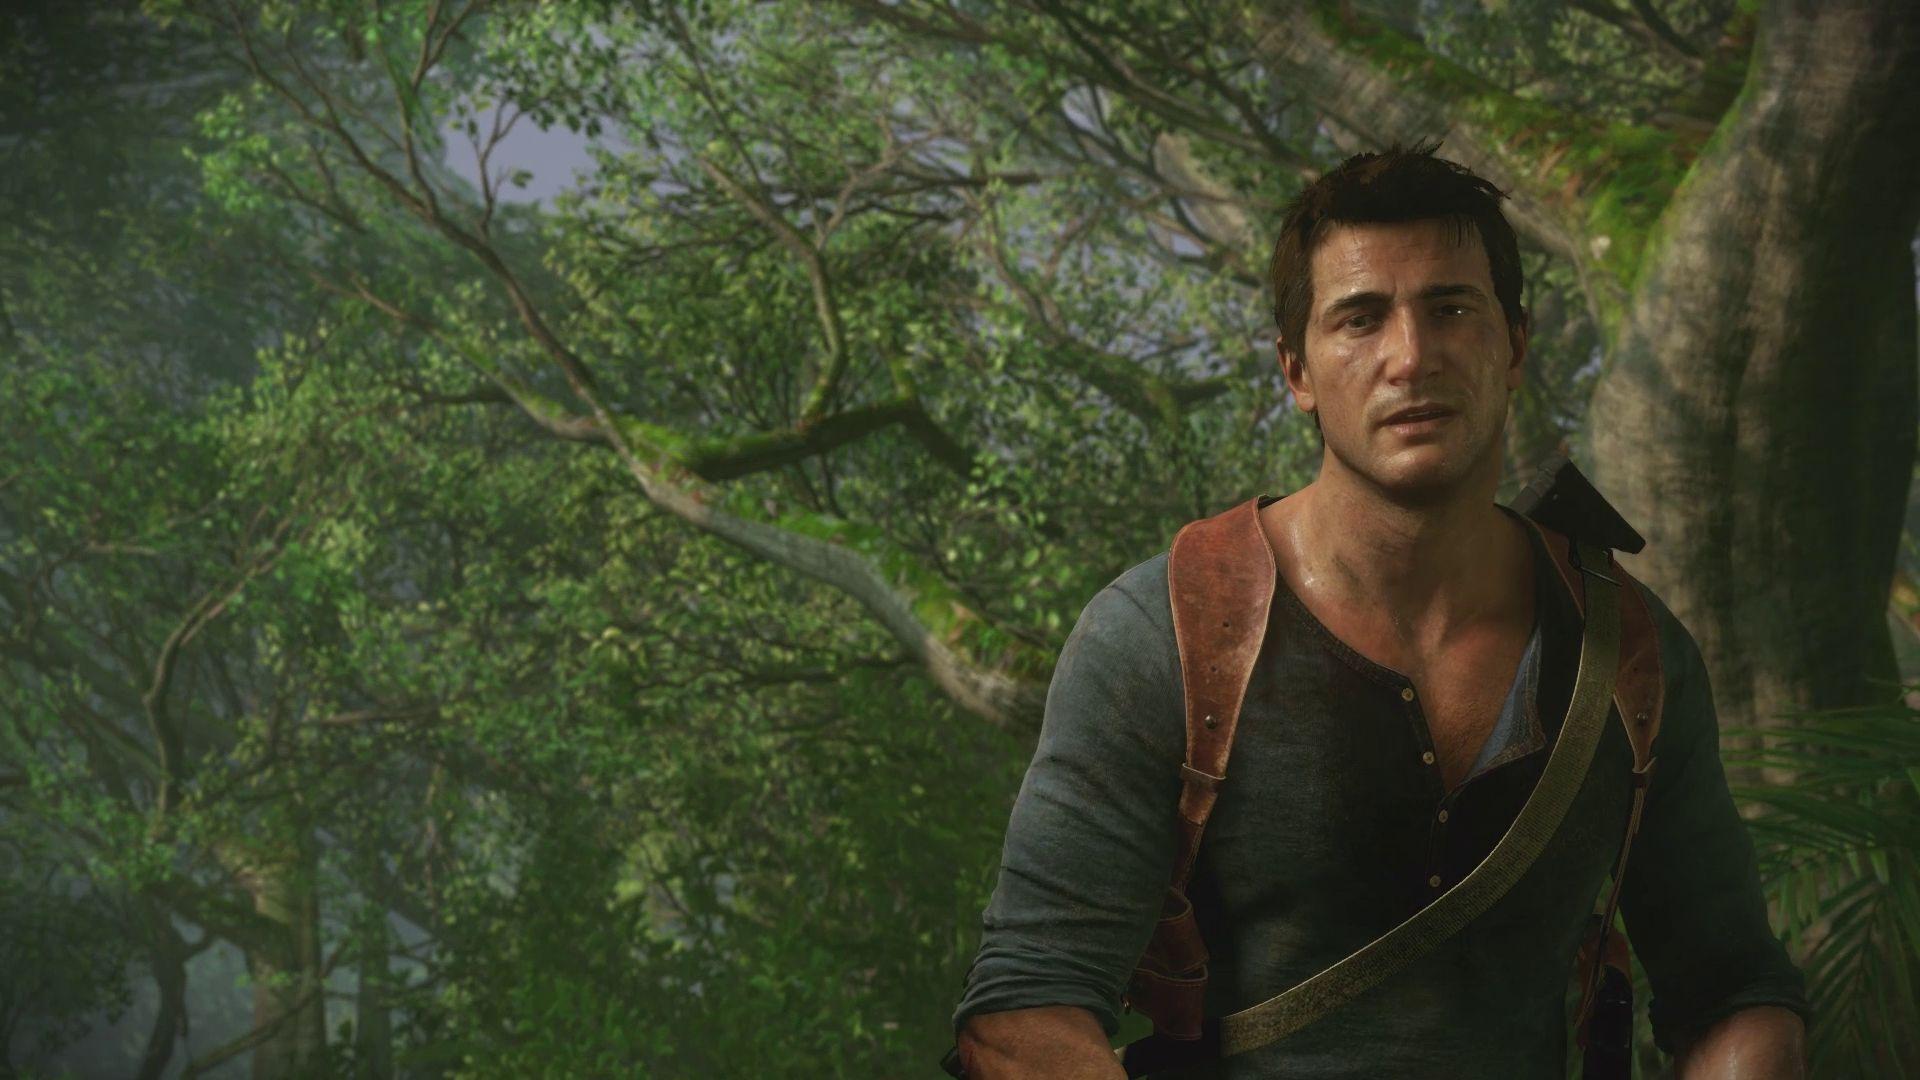 ¿Cuándo se anunció el primer gameplay del videojuego?